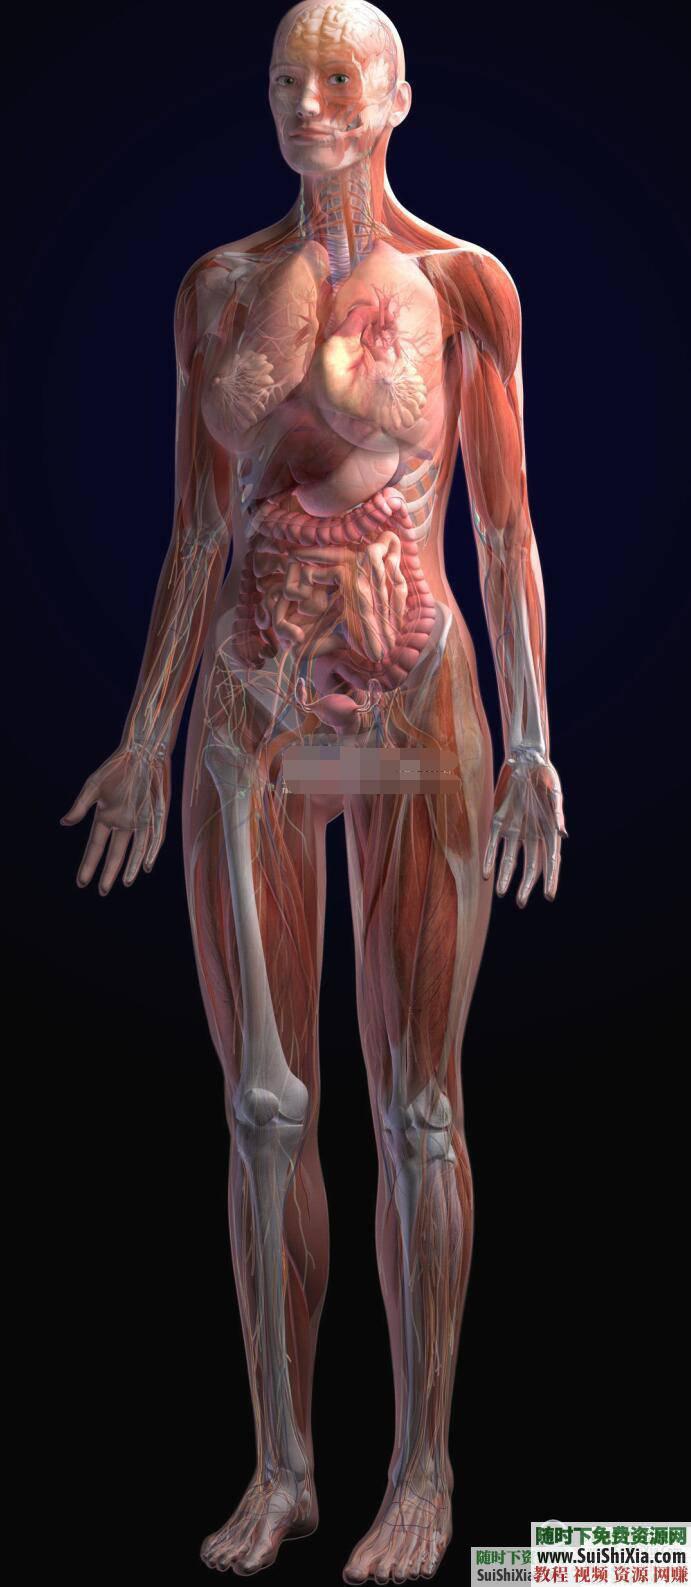 人體穴位拔罐養生書籍與經驗中醫知識  打包分享一些中醫知識人體穴位拔罐養生類電子書籍和經驗圖片給大家 第9張